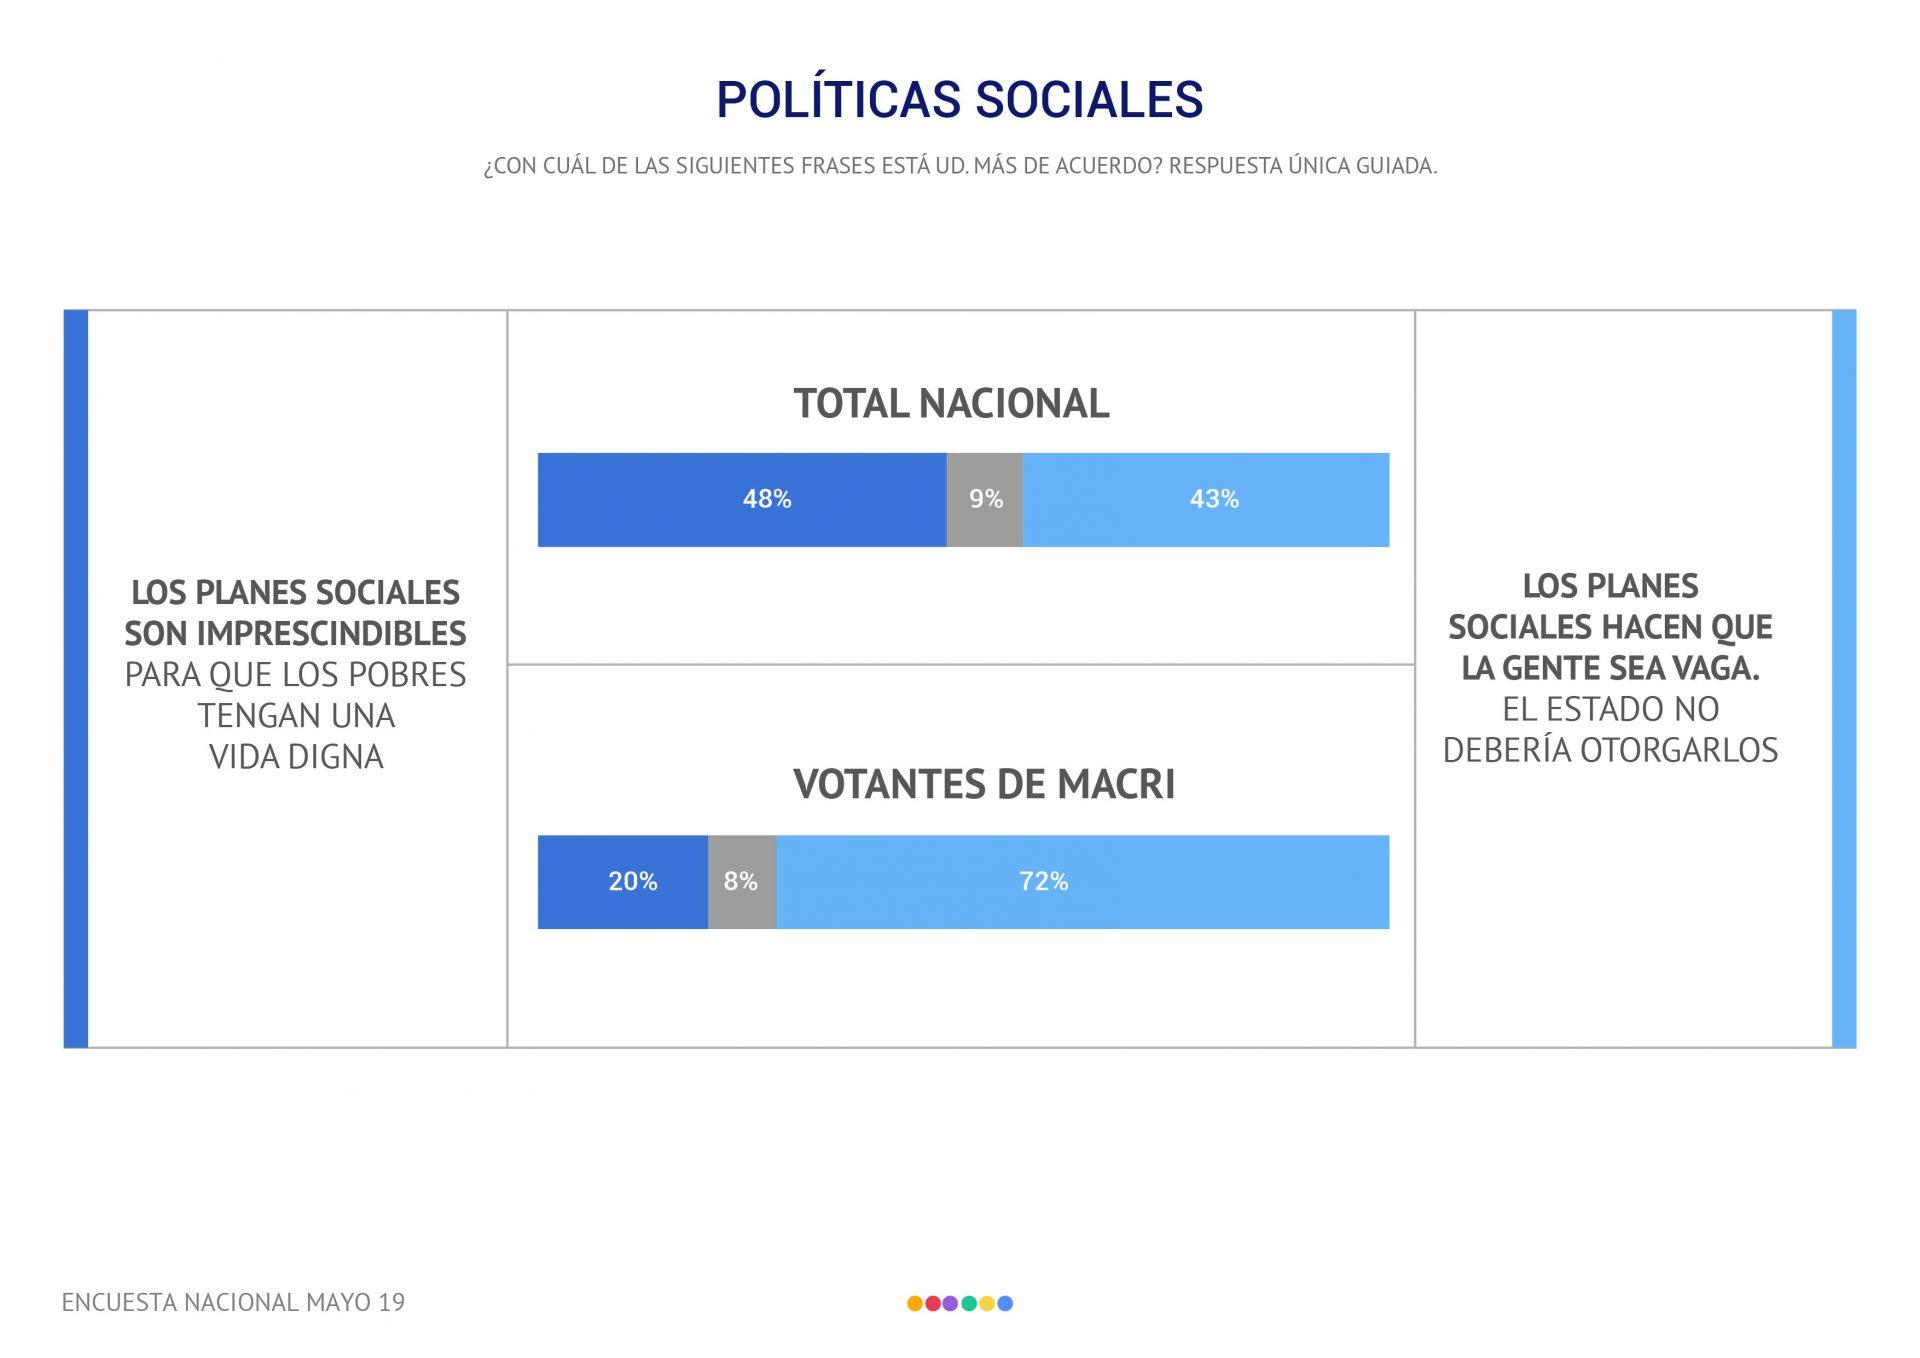 Núcleo duro Cambiemos-políticas sociales